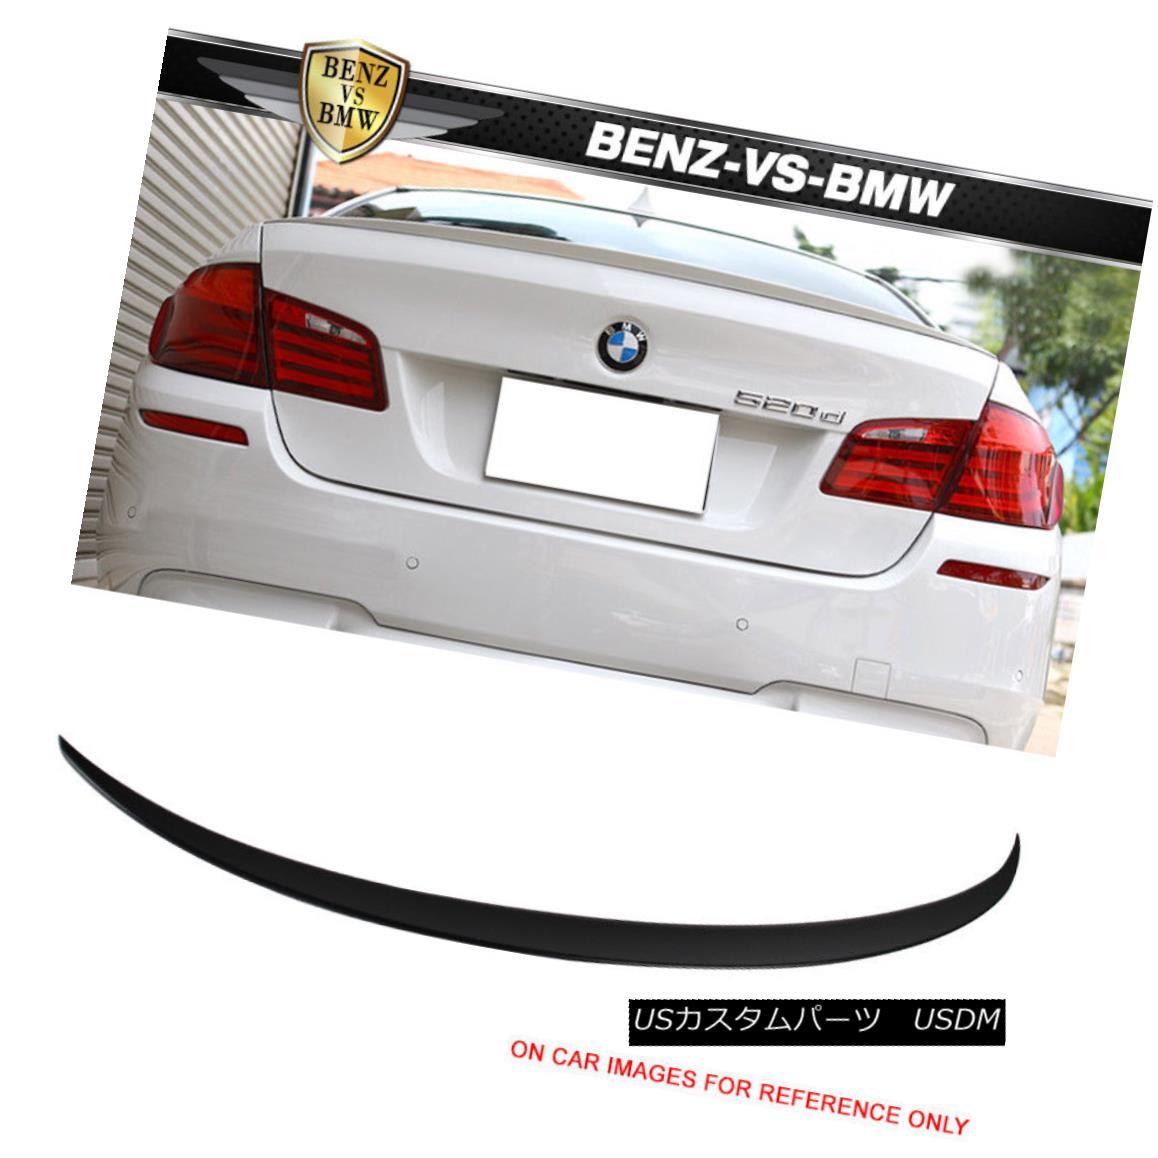 エアロパーツ 11-16 BMW 5 Series F10 4Dr Sedan M5 Style Unpainted ABS Trunk Spoiler 11-16 BMW 5シリーズF10 4DrセダンM5スタイル無塗装ABSトランク・スポイラー